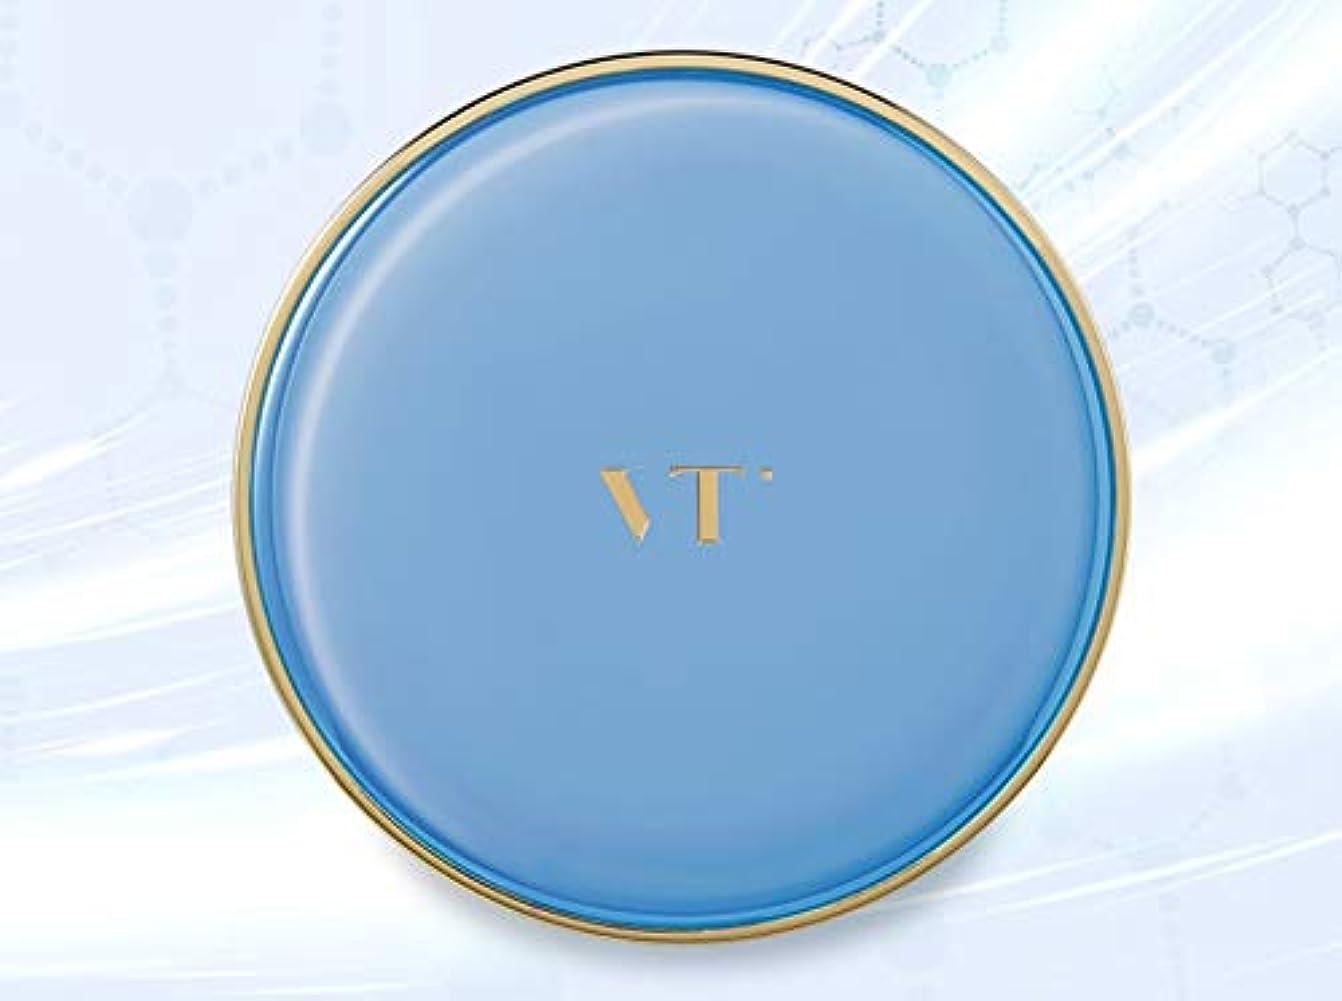 偉業公爵夫人ジャーナリストVT ブルービタコラーゲンファクト SPF50+ PA+++ 11g / VT BLUE VITA COLLAGEN PACT 0.38 OZ [並行輸入品]